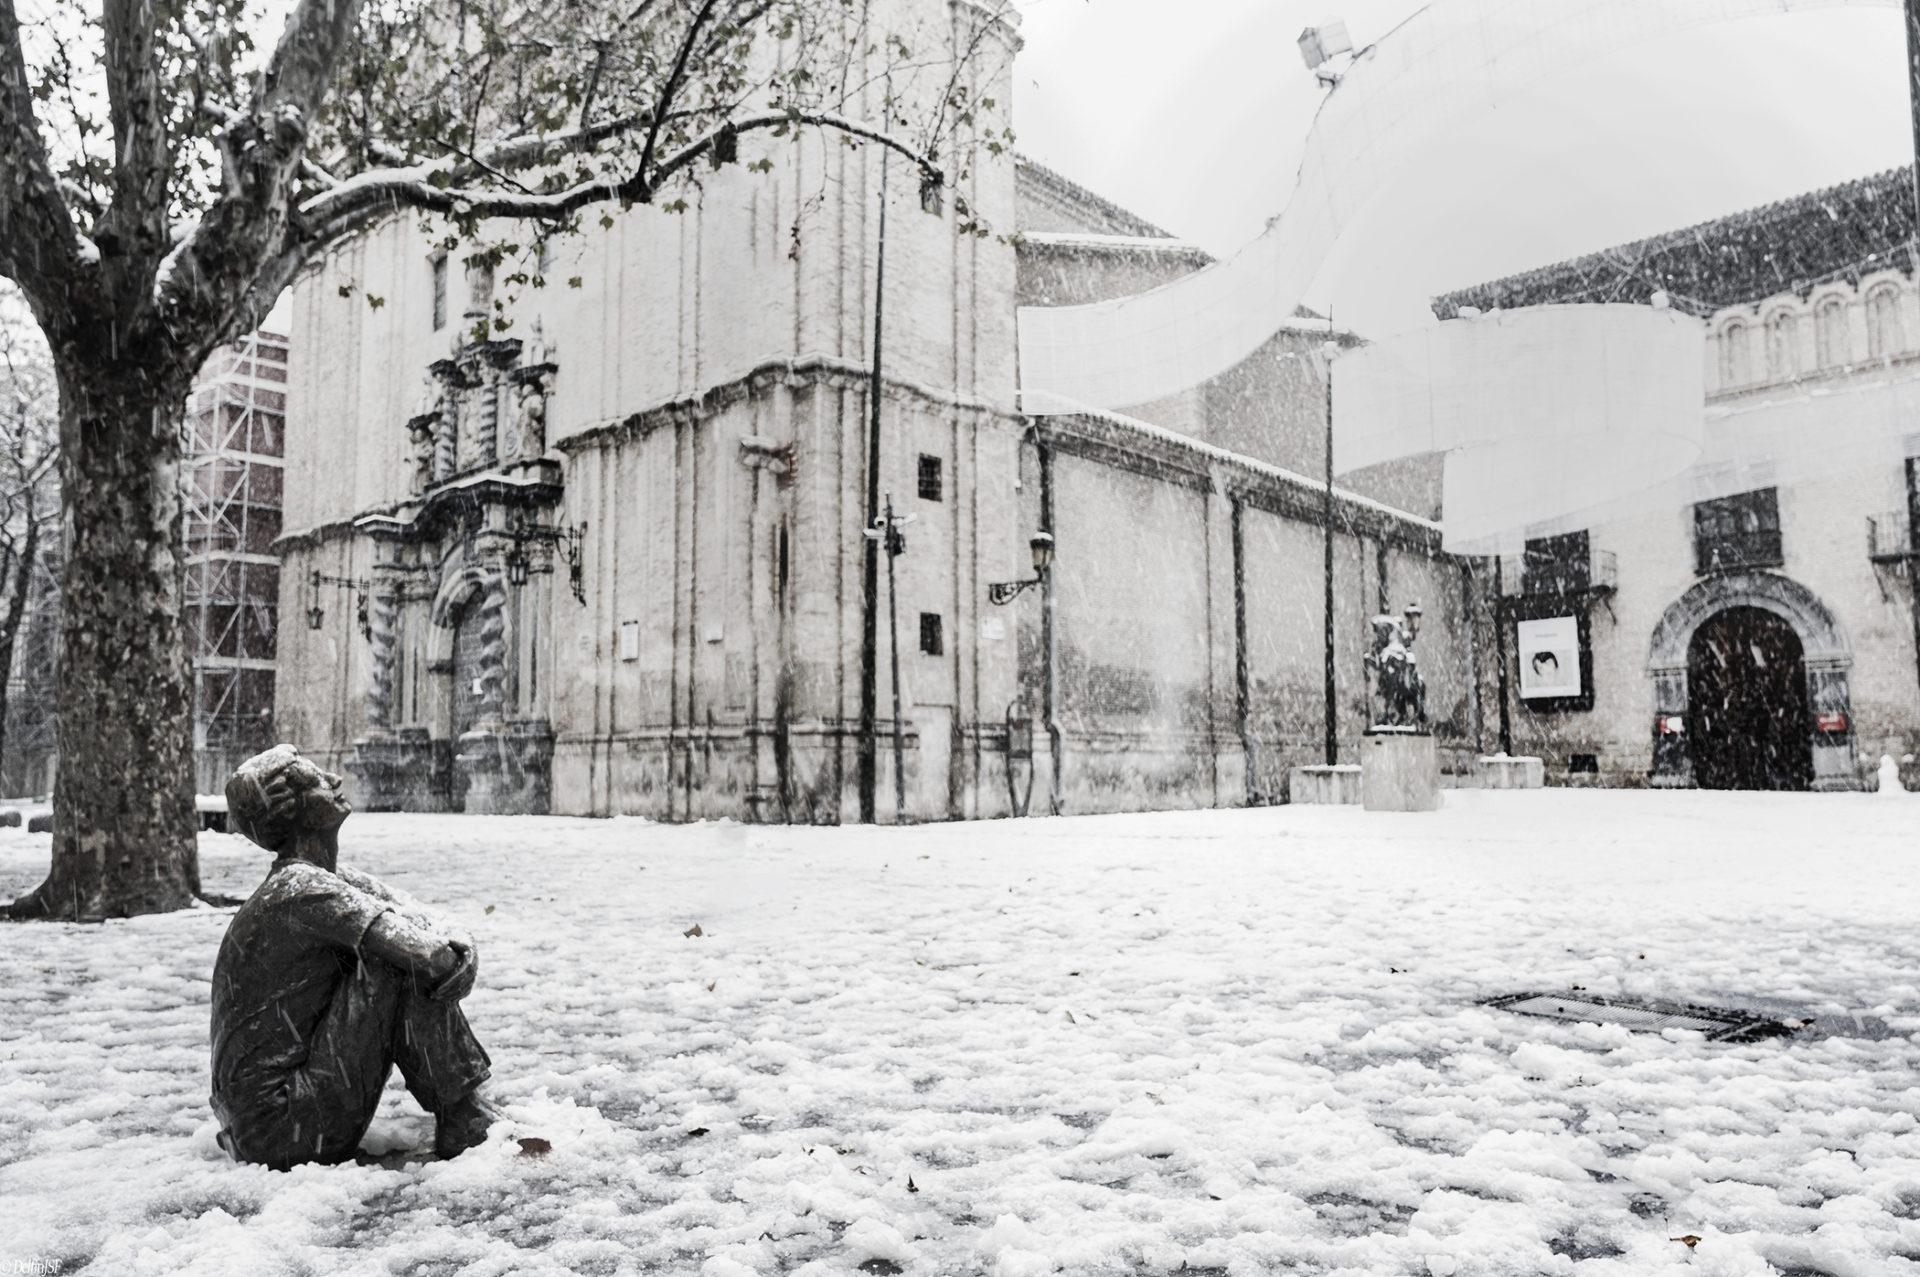 TEMPORAL FILOMENA #ZARAGOZA, DelfínJSF